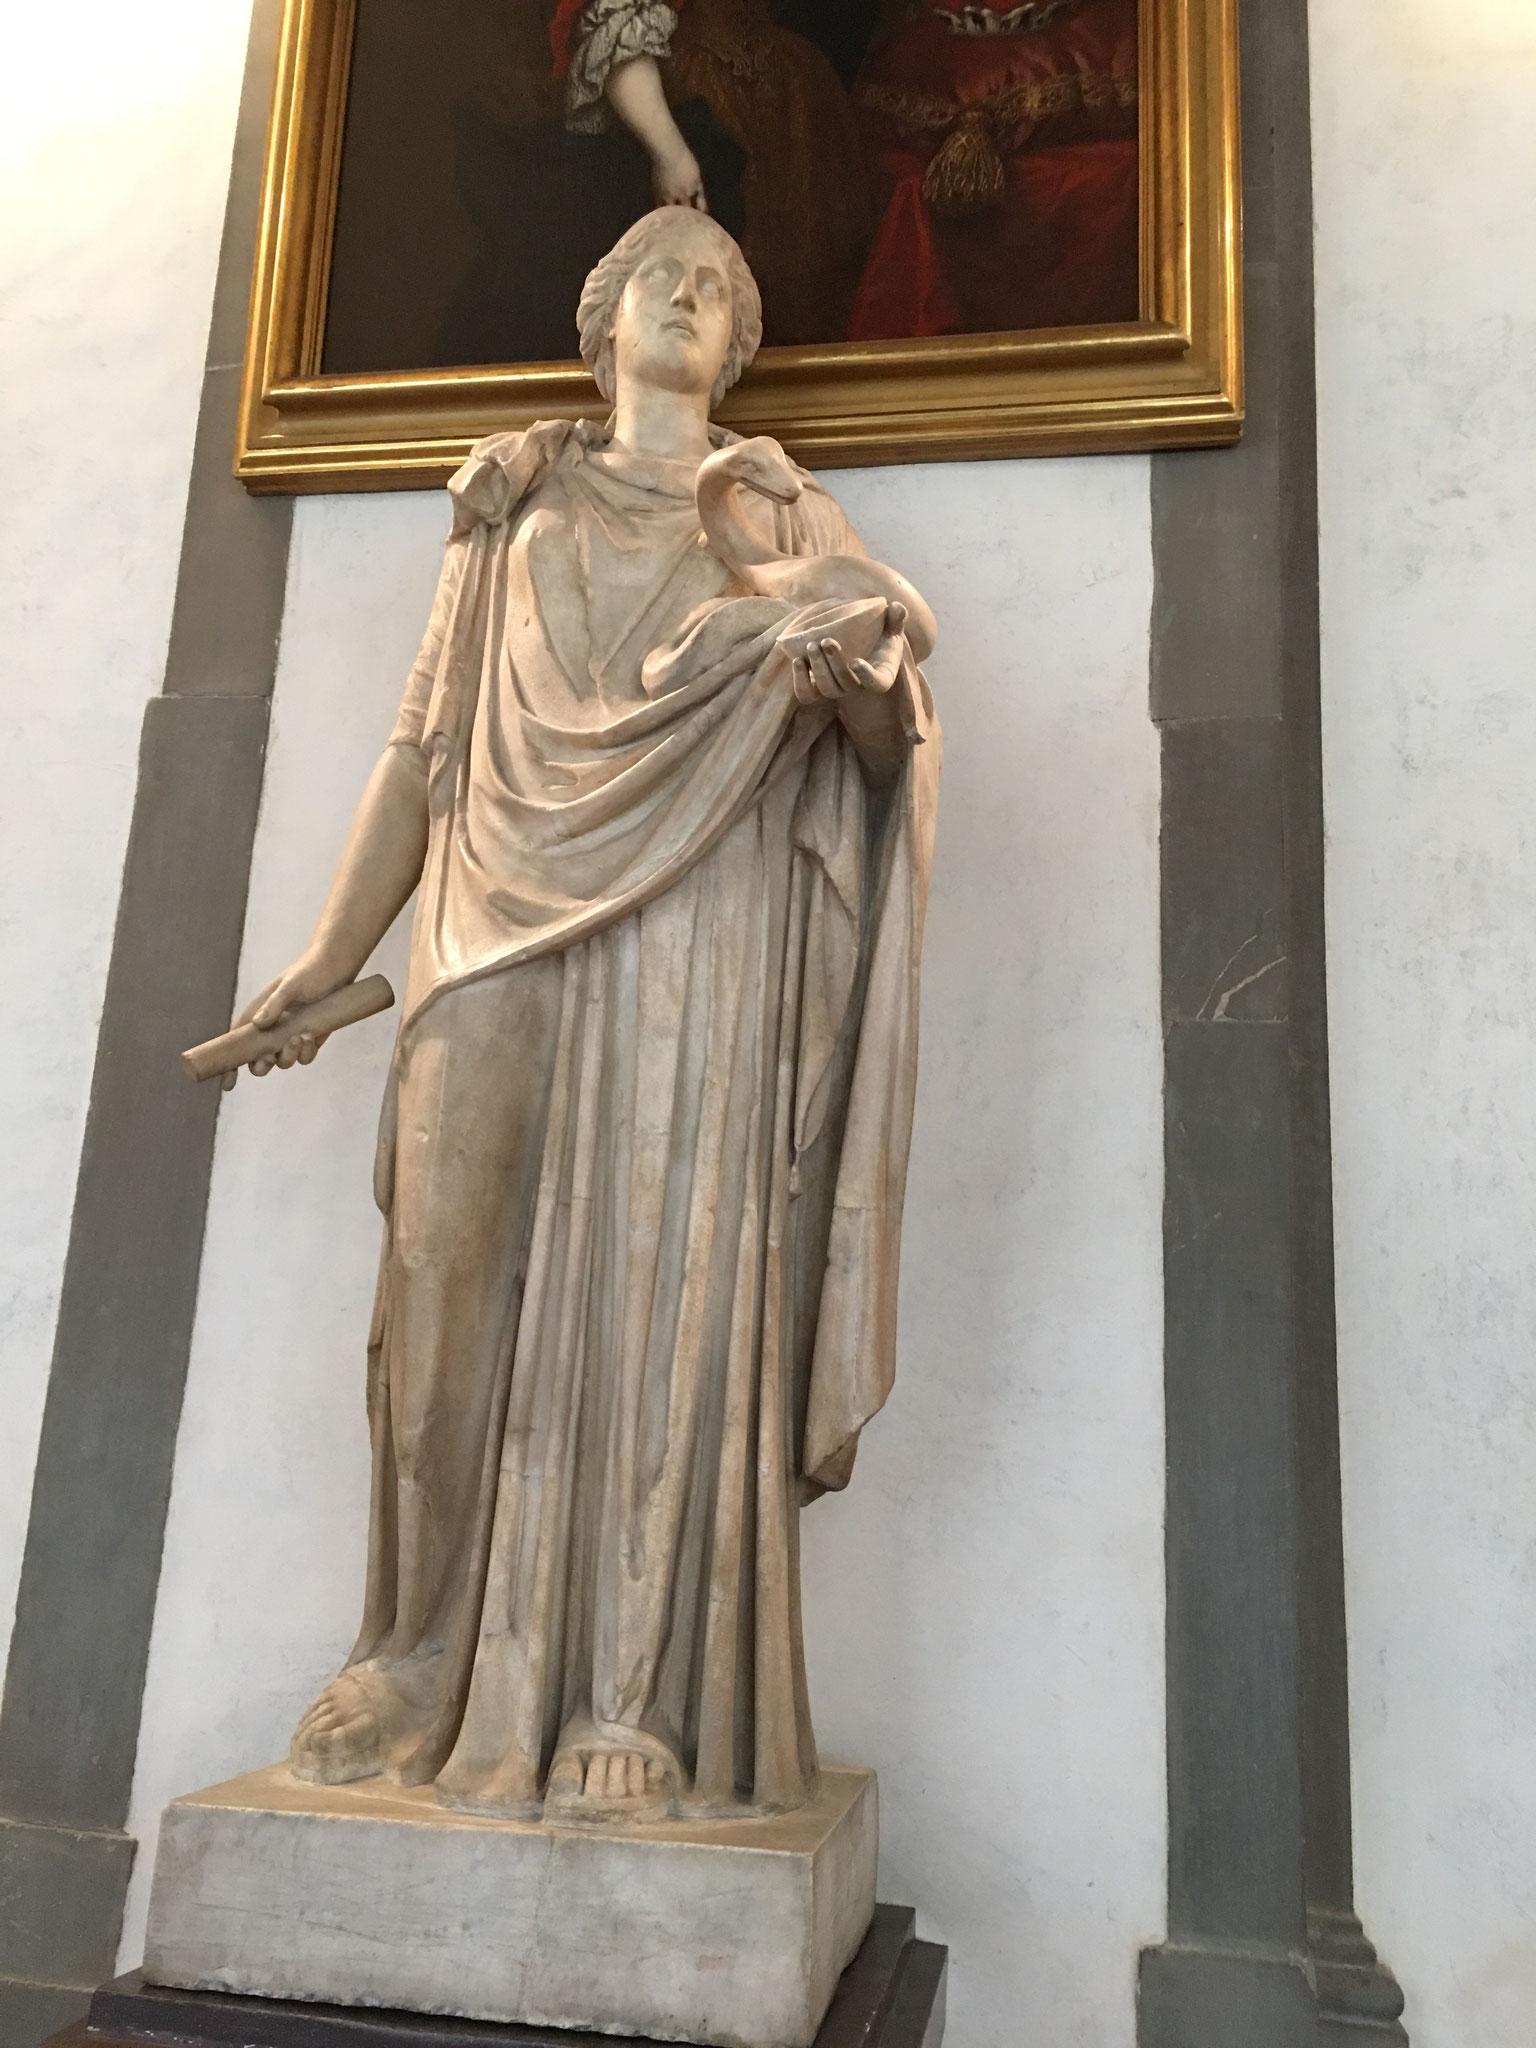 ヒュギエイア。健康・衛生の女神。 医神アスクレピオスの娘、アスクレピオスの蛇に餌をやっています。